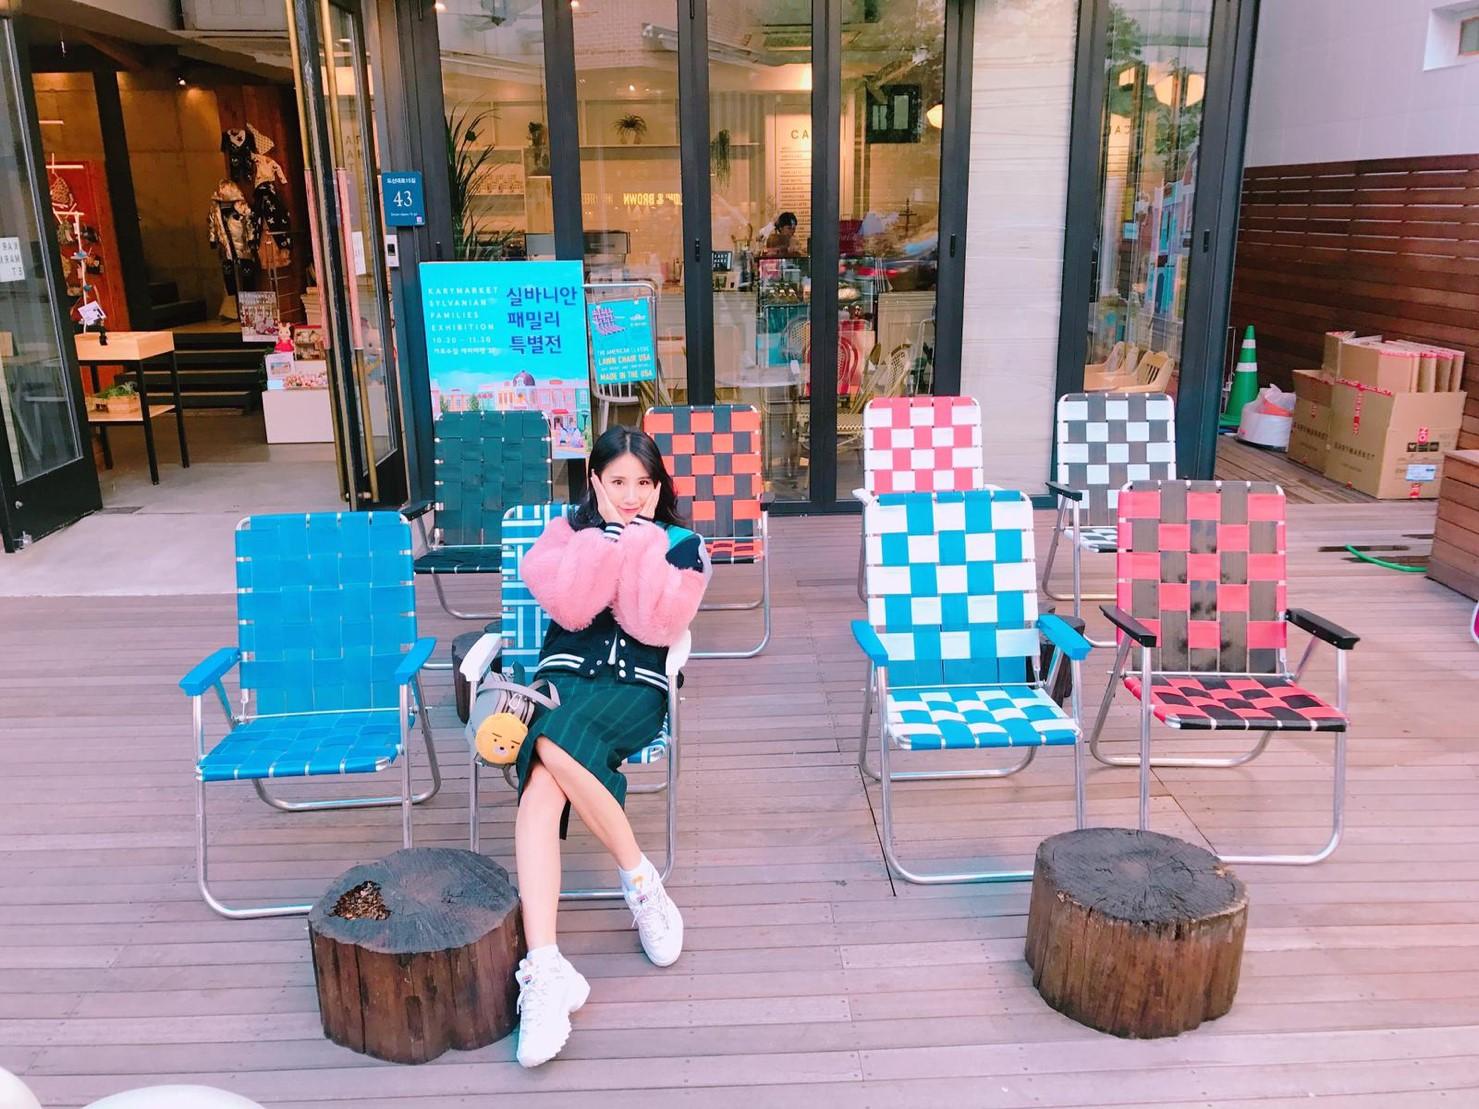 ▲原本就常去韓國旅遊的瑤瑤,因為與韓籍男友交往後,更常飛去韓國。